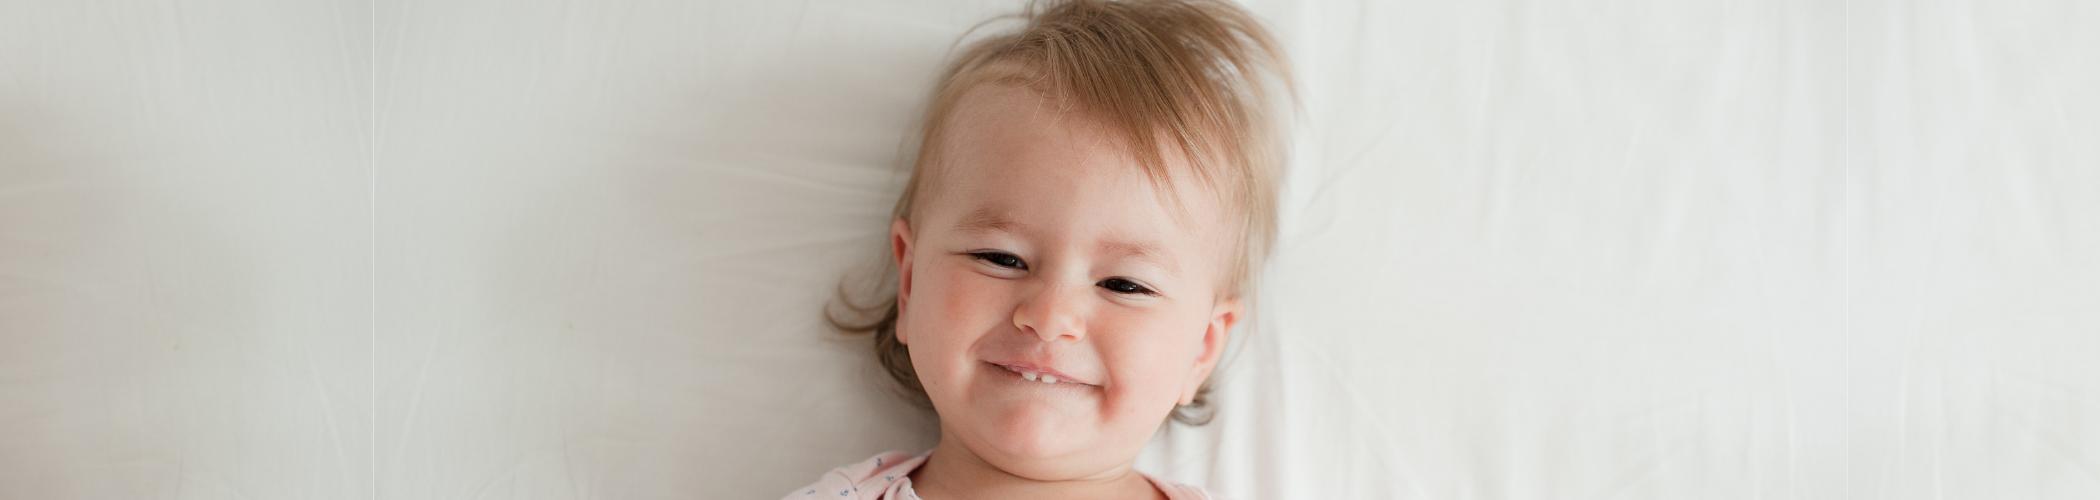 smiling baby - Learn Eat Sleep